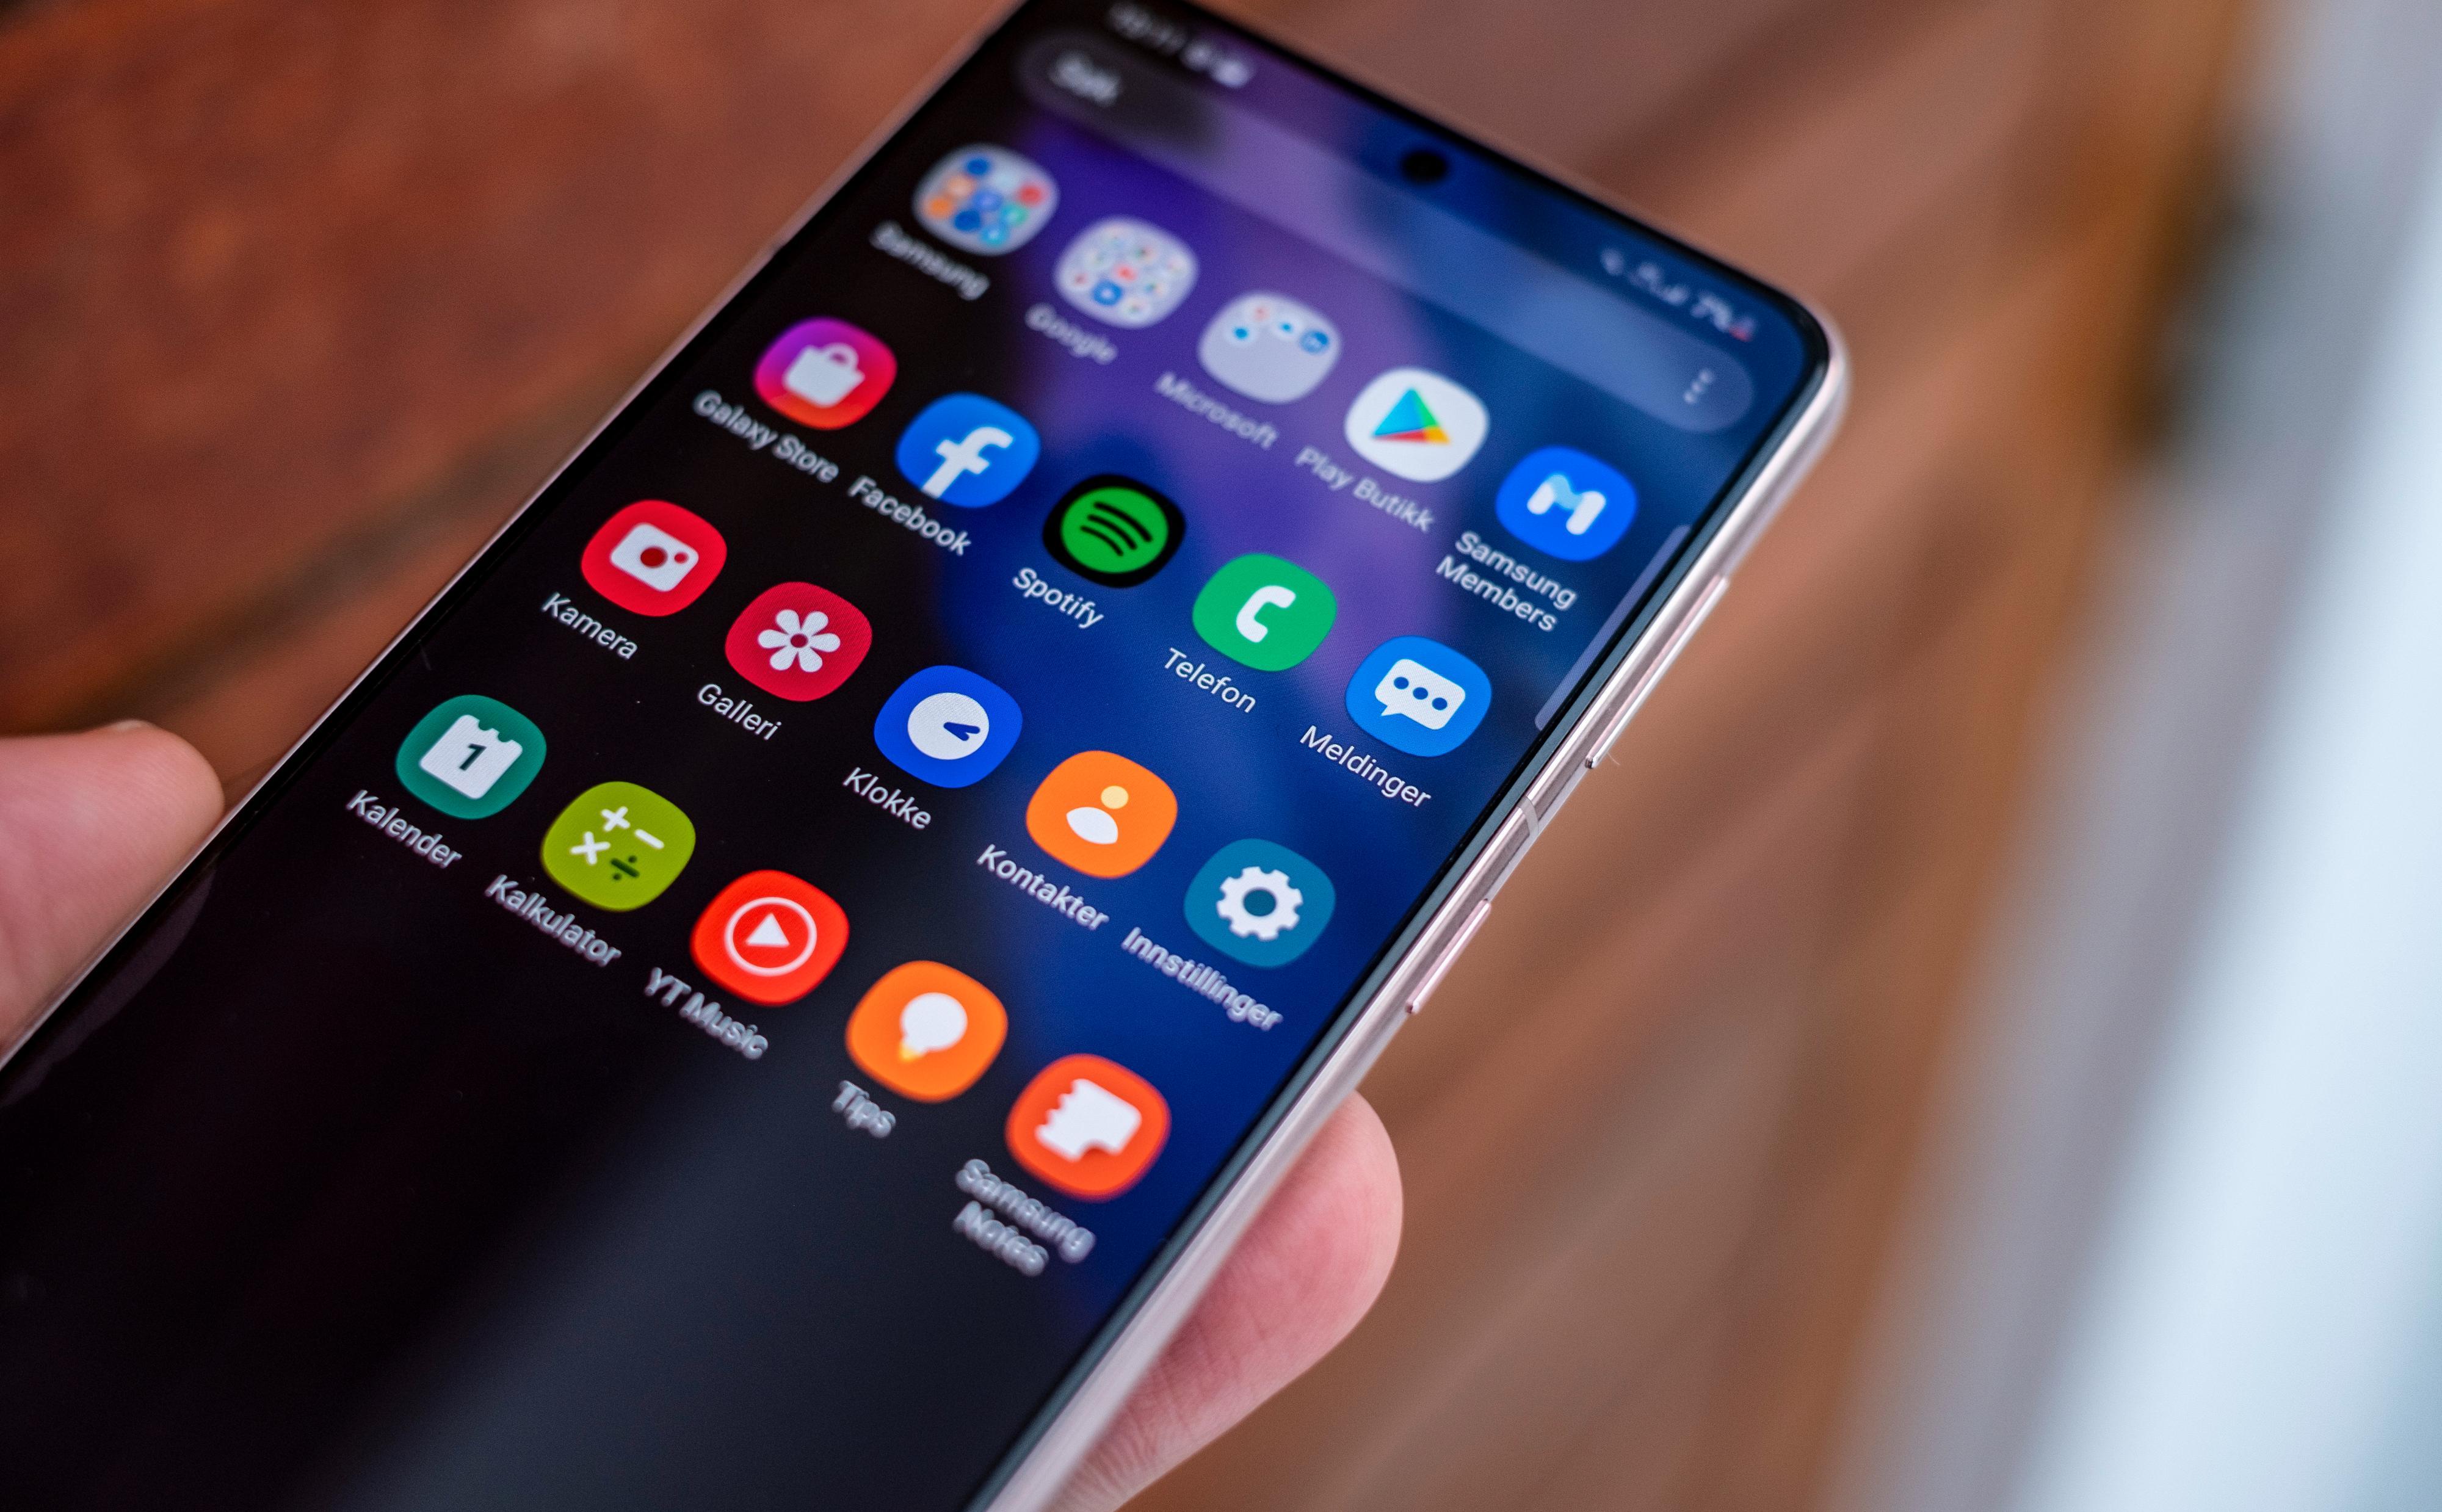 OneUI byr på gode, kjappe menyer og Android 11. Samsung har vært flinke til å holde telefonene sine oppdatert de siste årene.